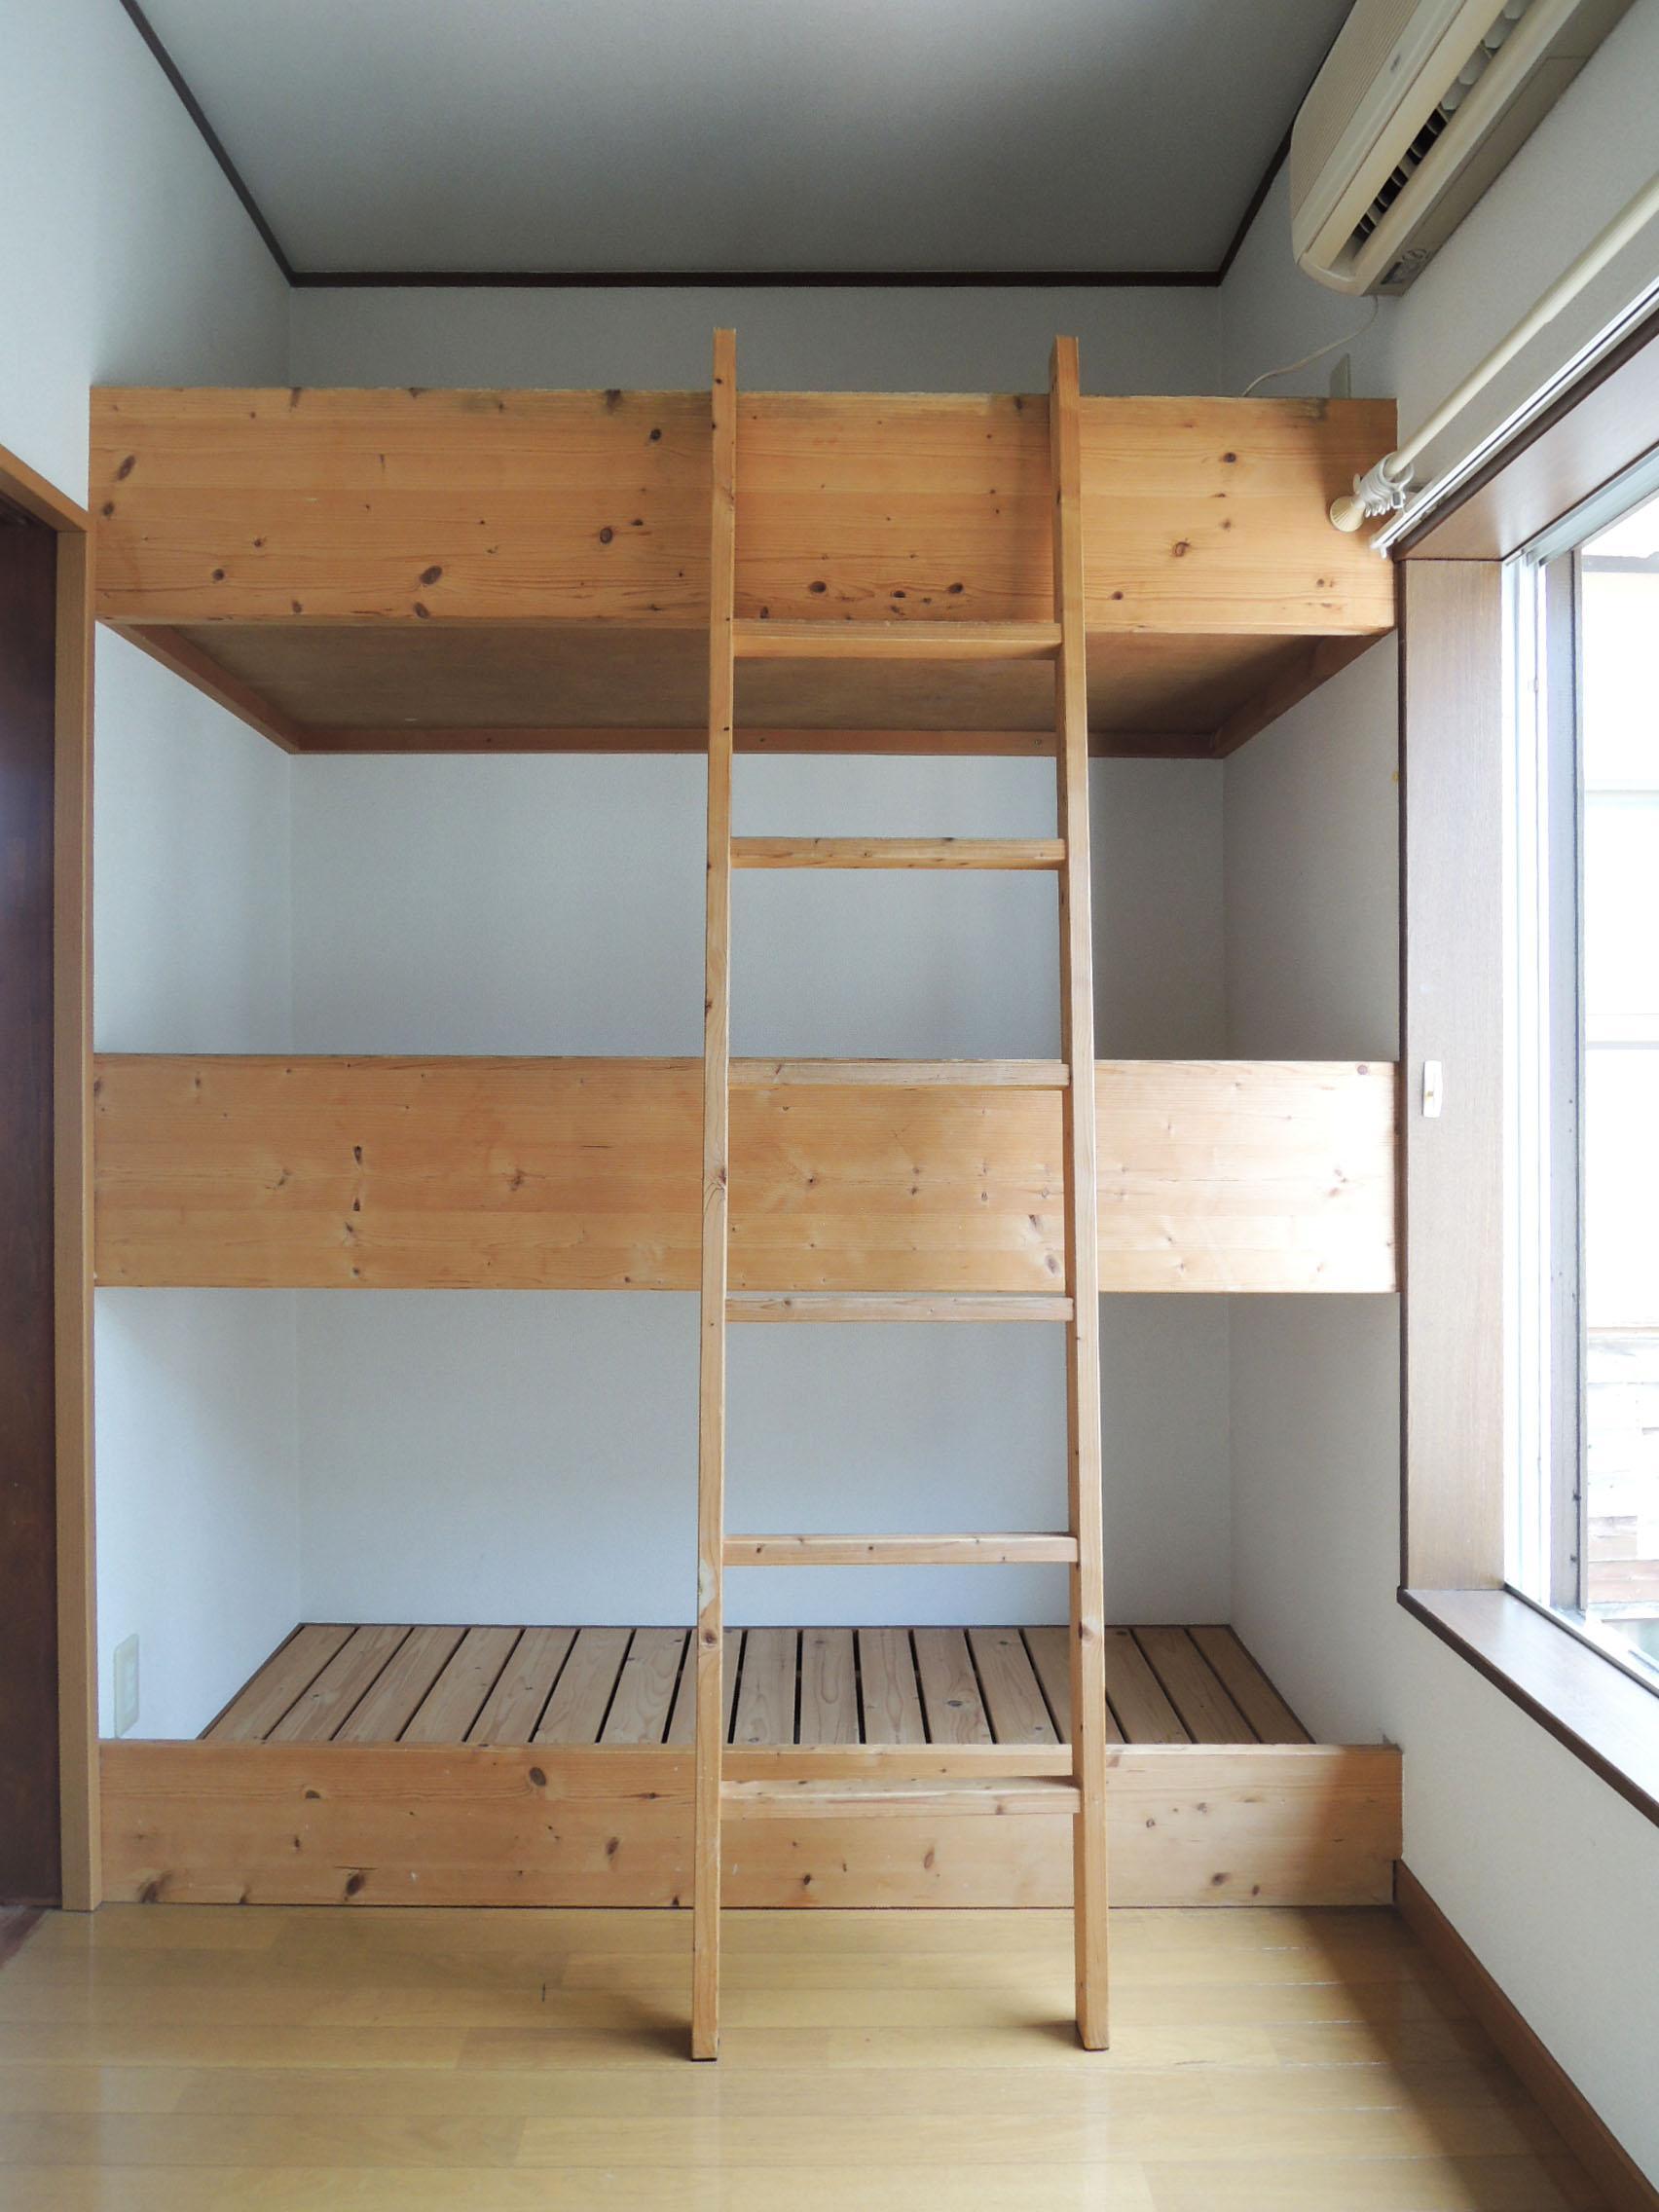 ベッドだけでなく物置スペースとしても使えそう